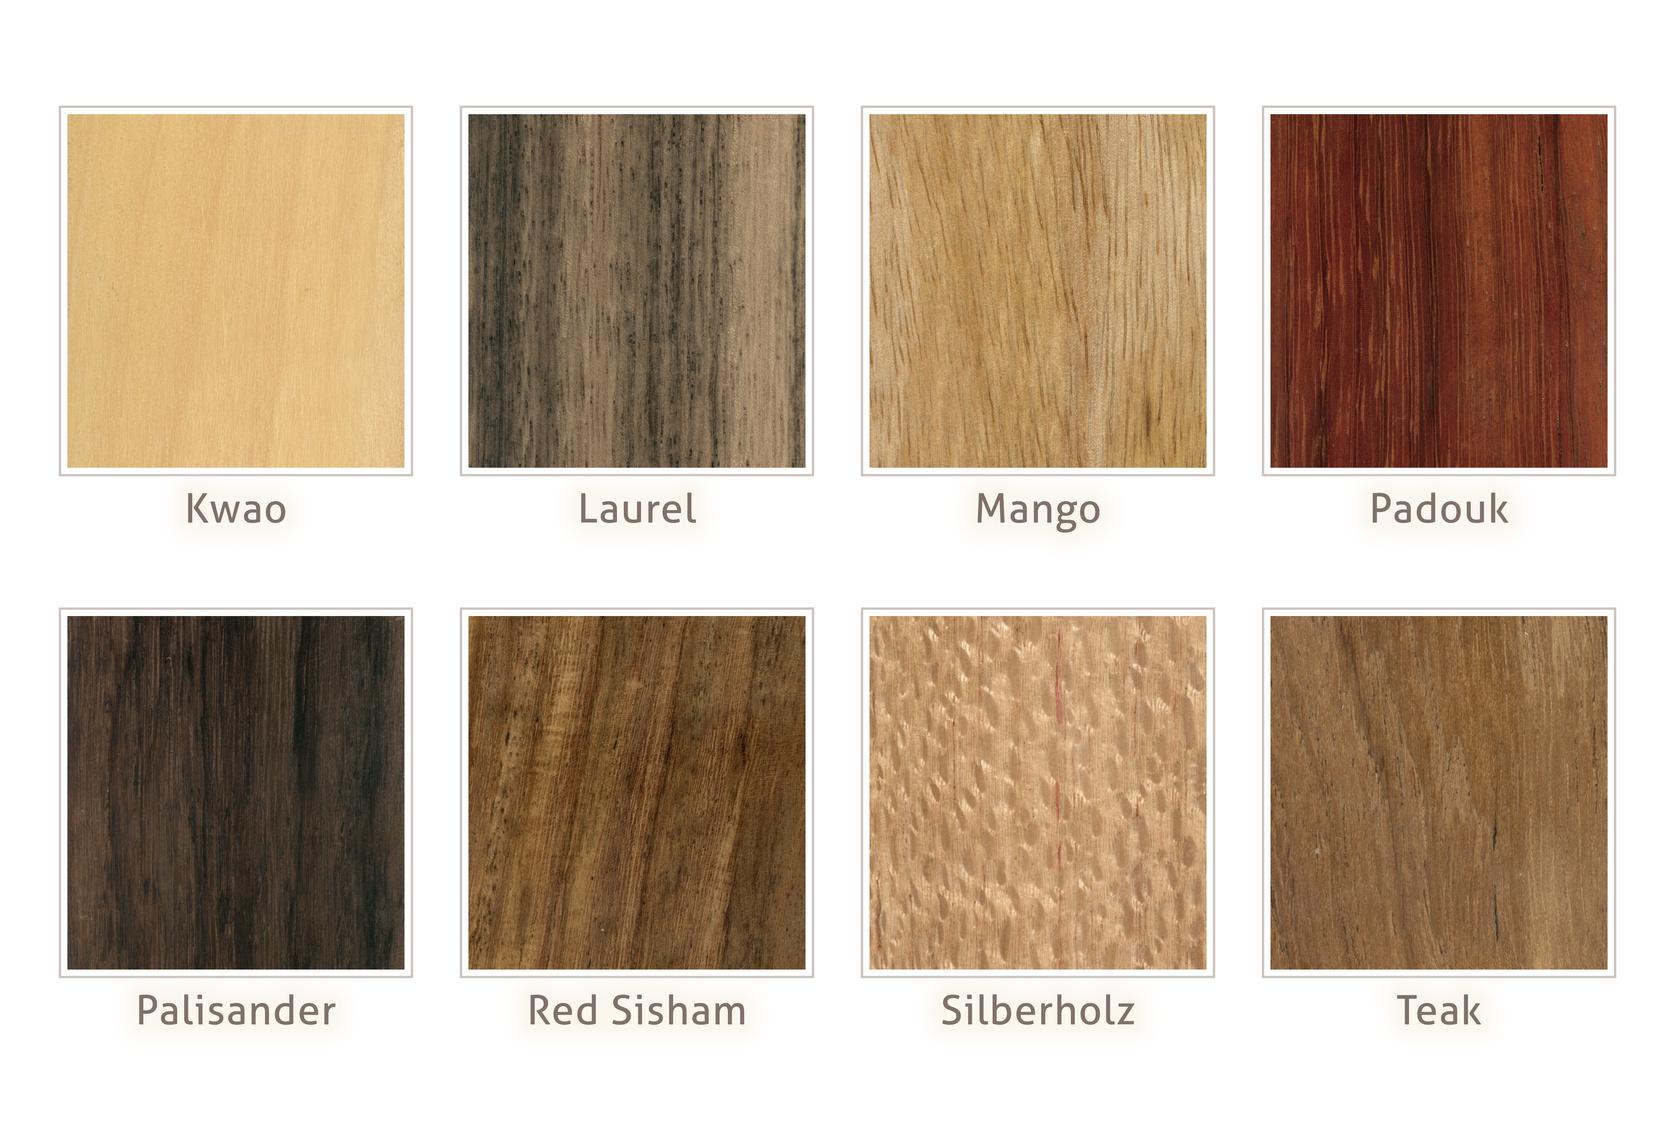 Holzarten Eigenschaften Aussehen Und Herkunft